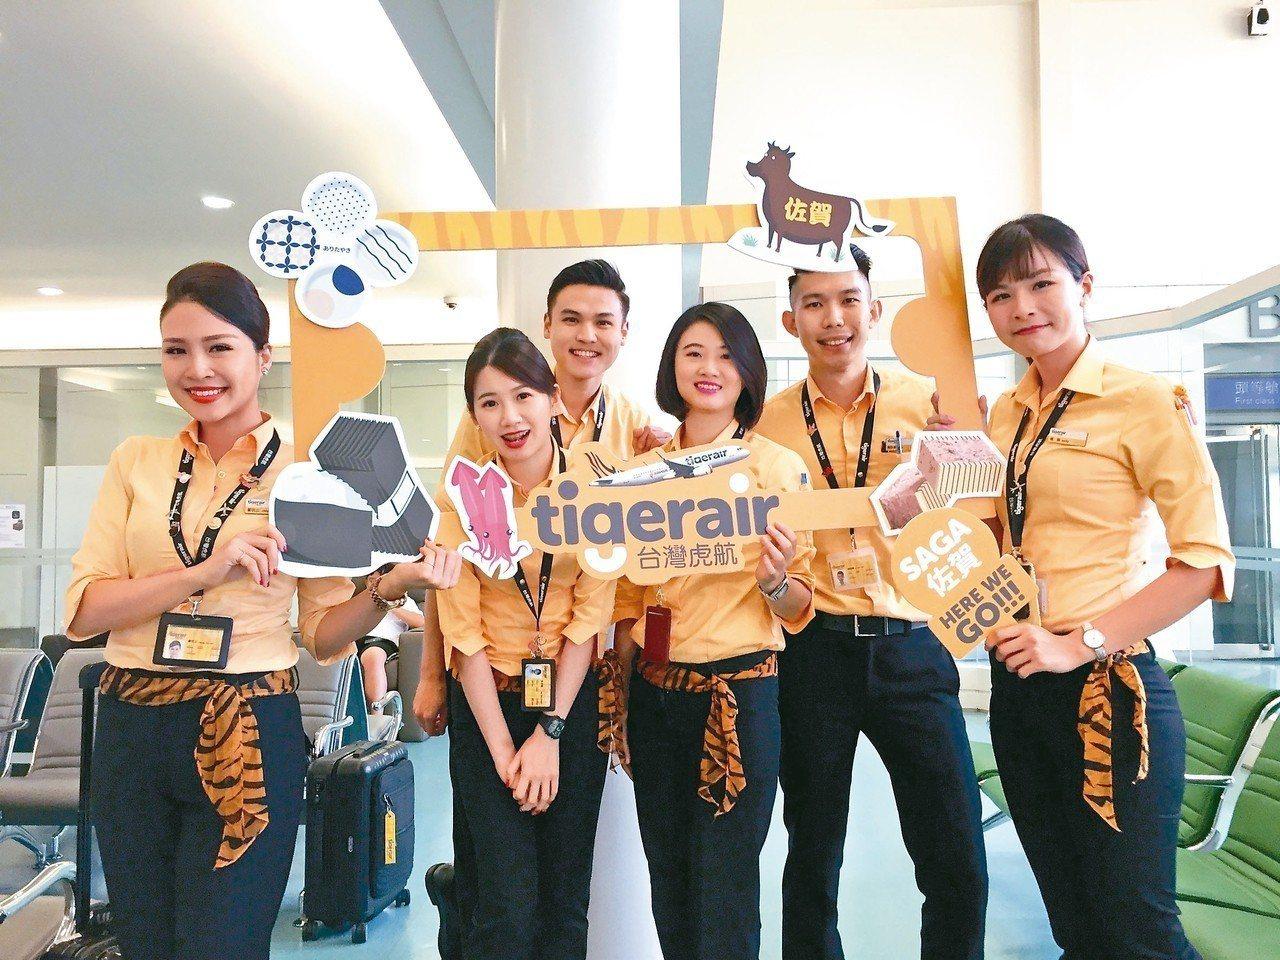 台灣虎航推出桃園飛佐賀的定期包機,預計10月底轉為定期航班。 圖/台灣虎航提供